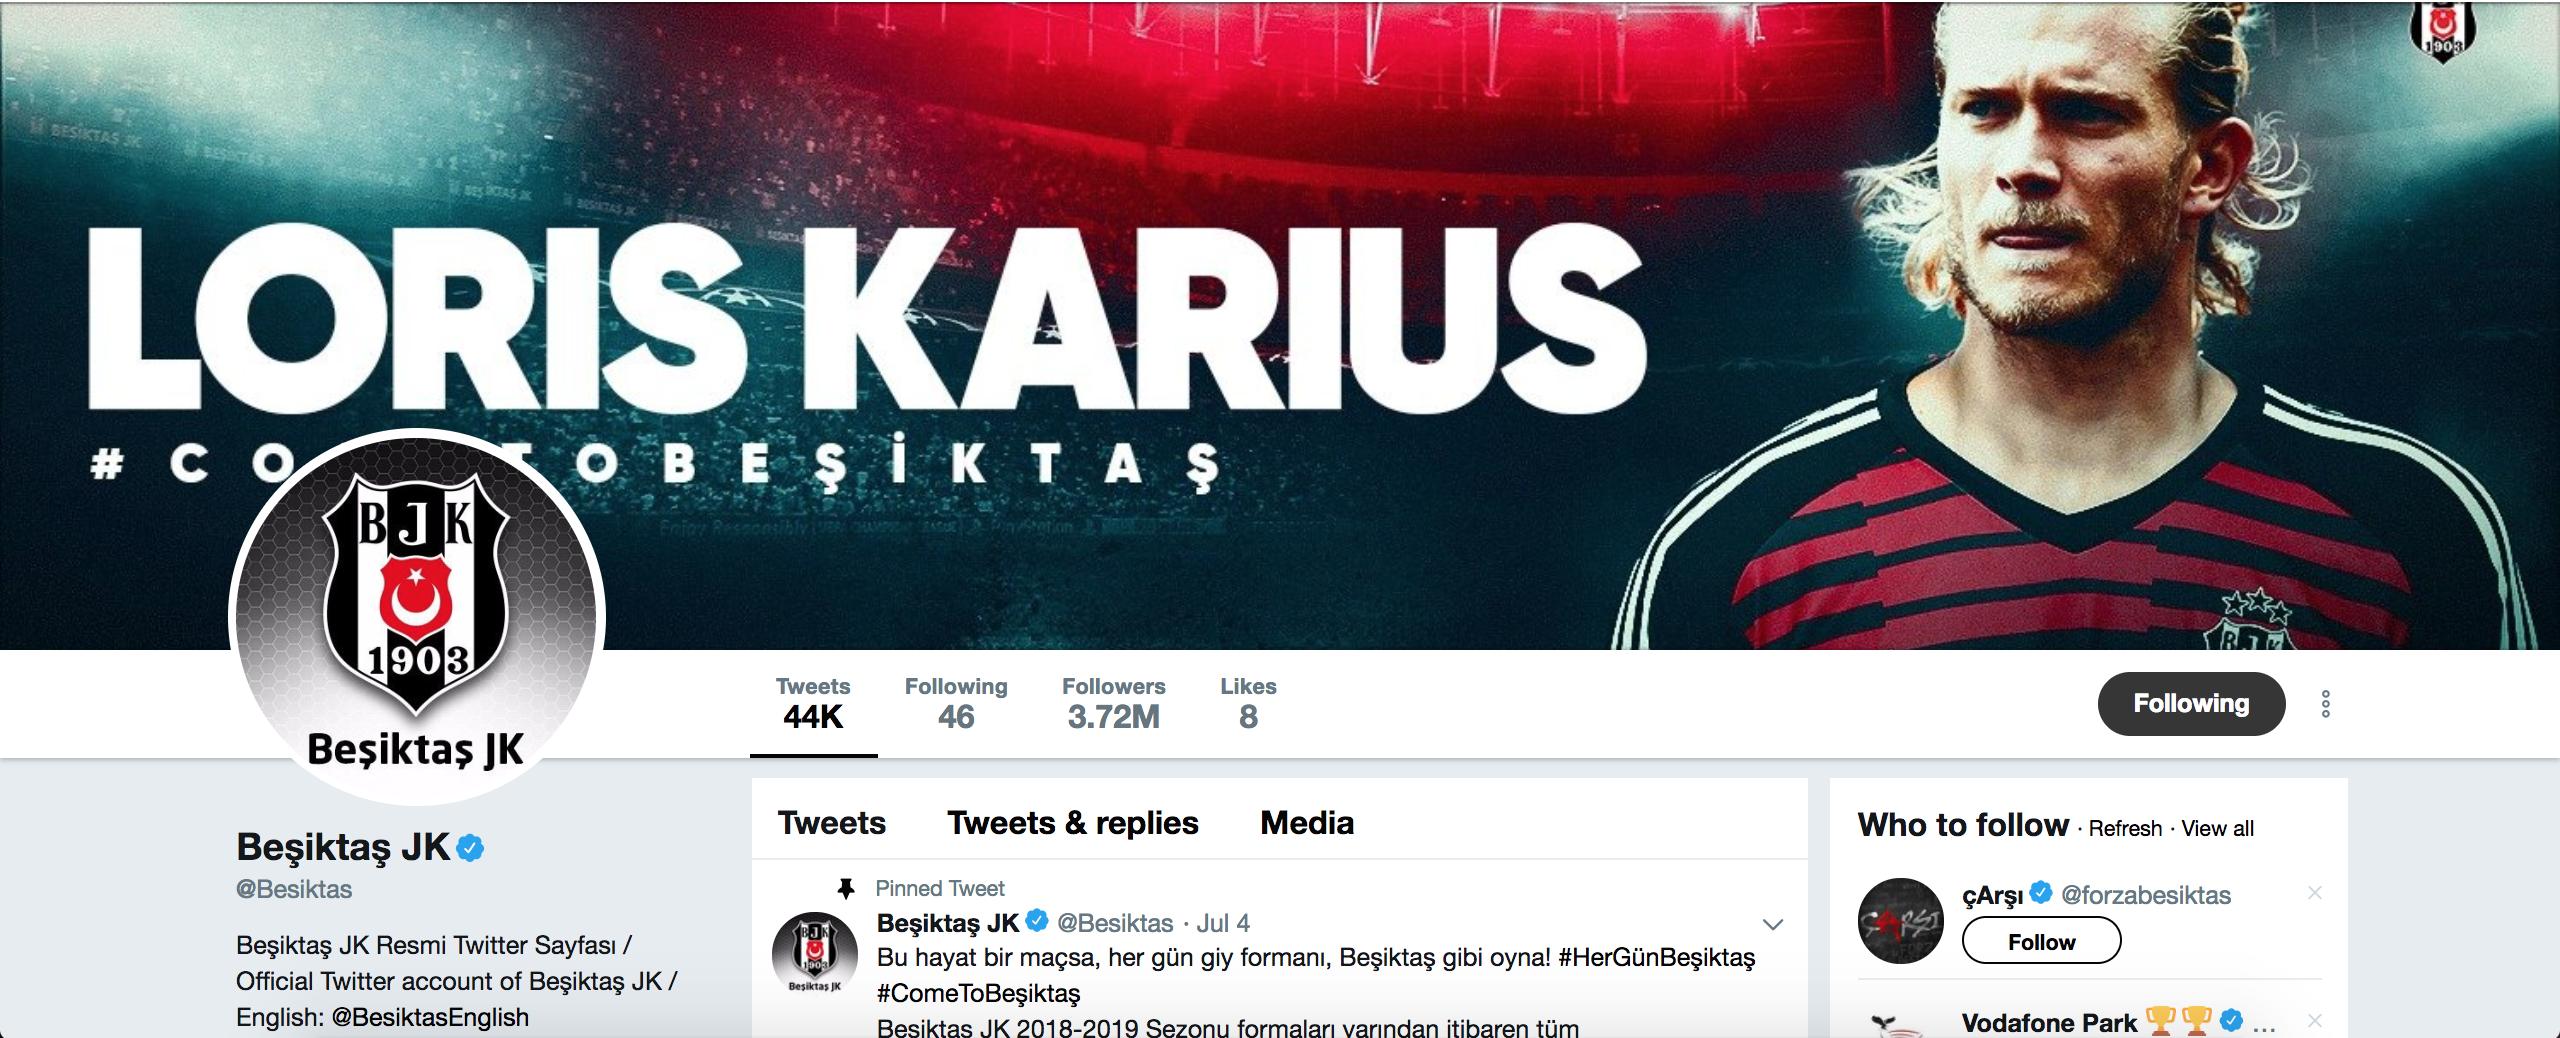 Karius to Besiktas Twitter